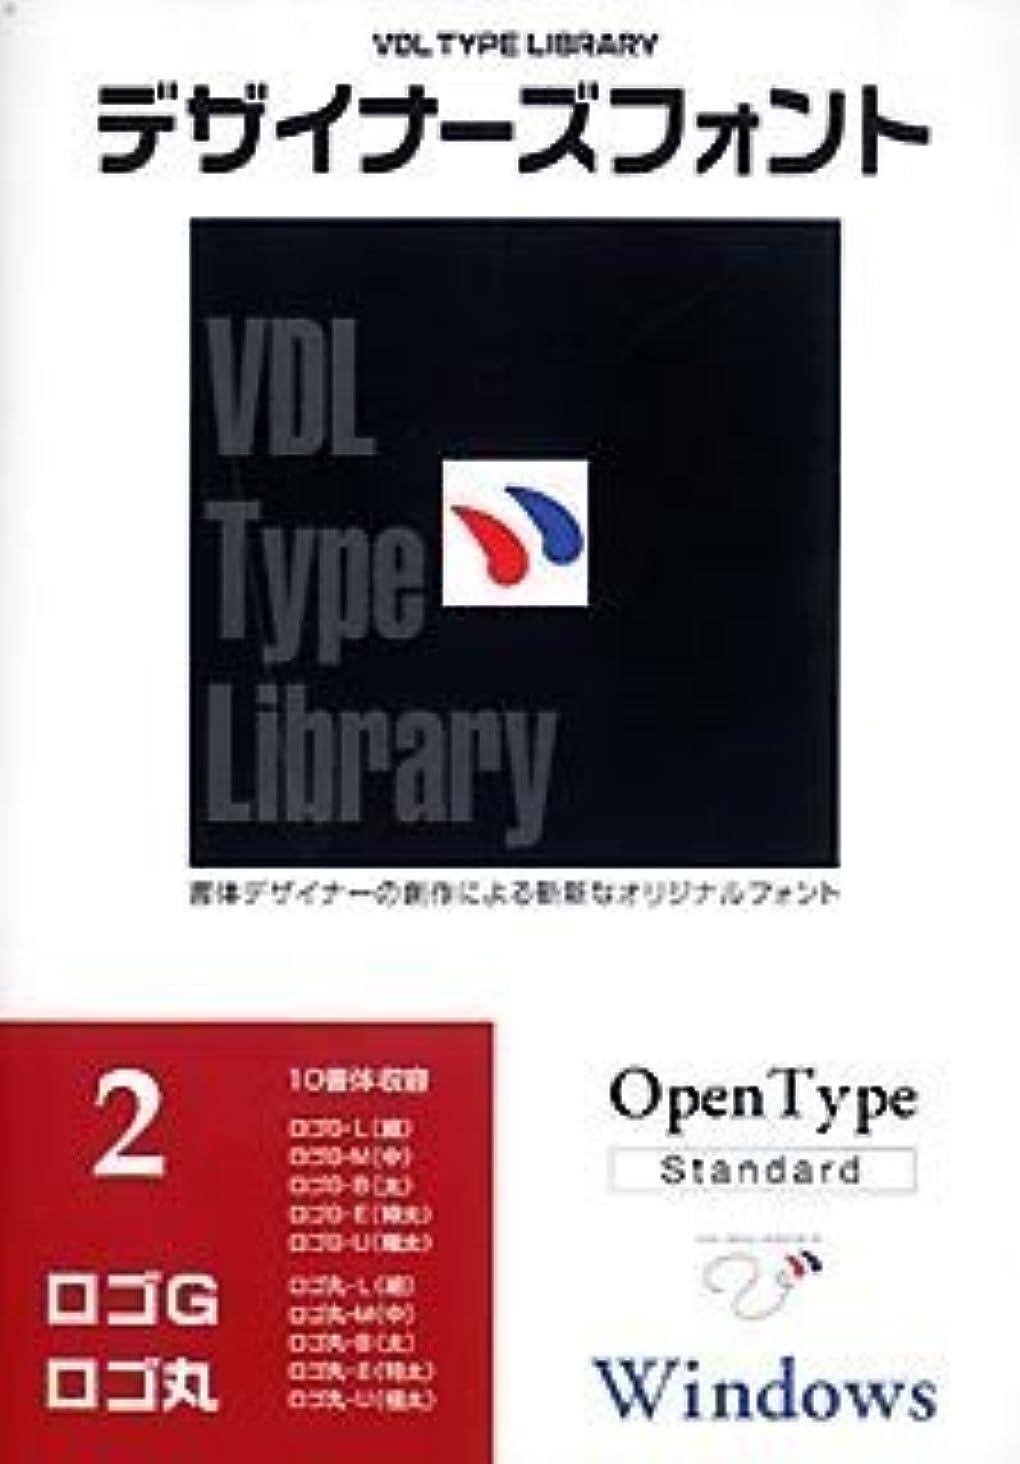 雇用者バンドル青VDL Type Library デザイナーズフォント OpenType (Standard) Windows Vol.2 ロゴG/ロゴ丸